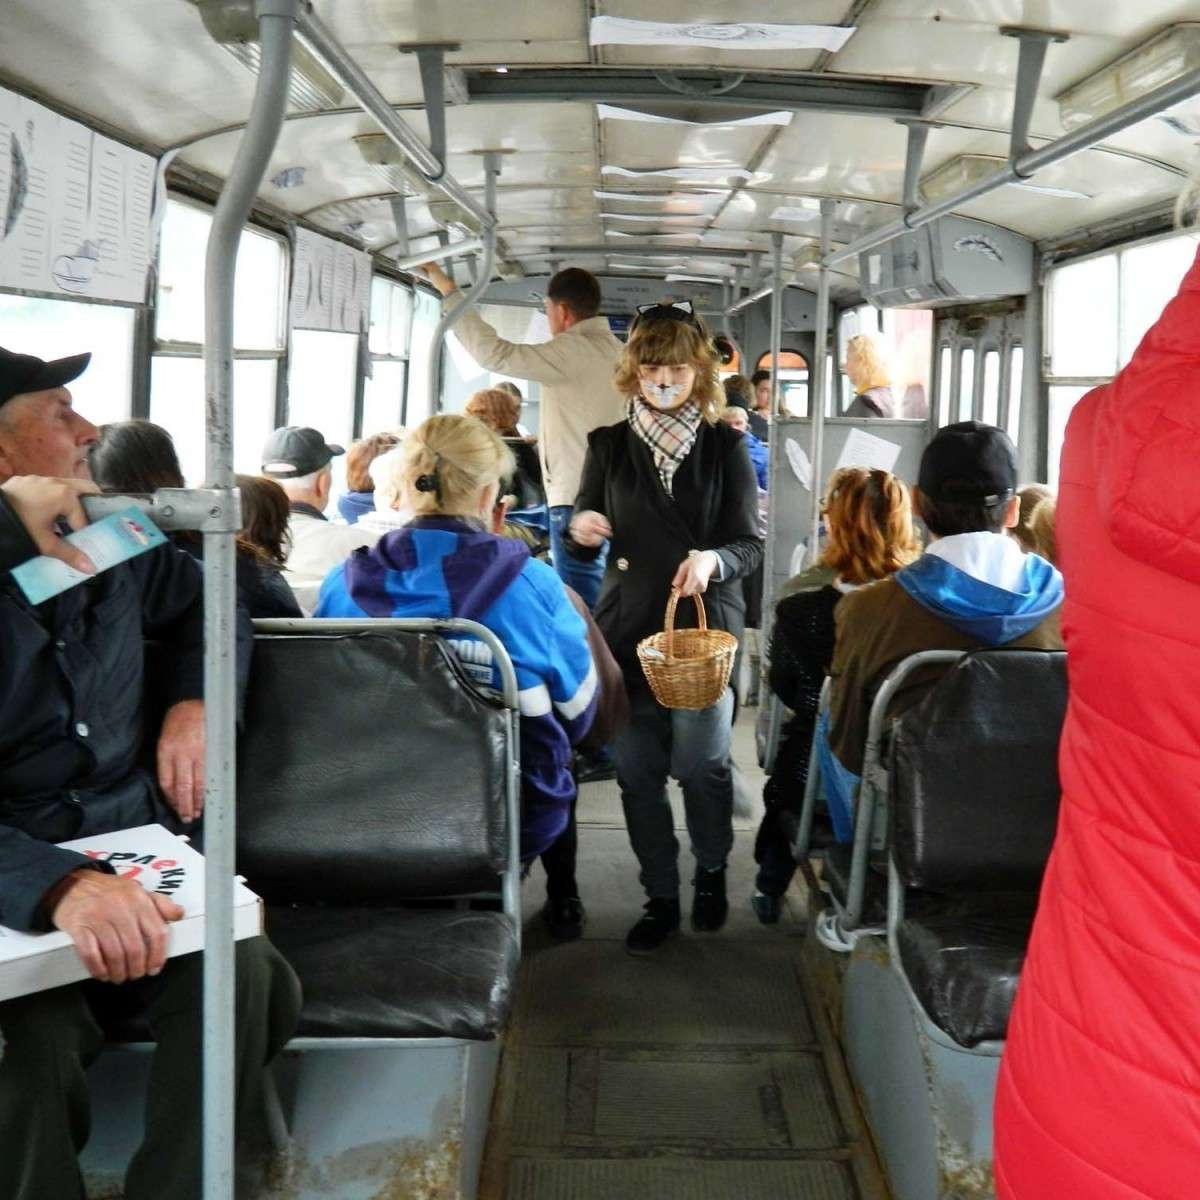 В Рязани жители города смогли прокатится с учёным котом на «Читающем троллейбусе»